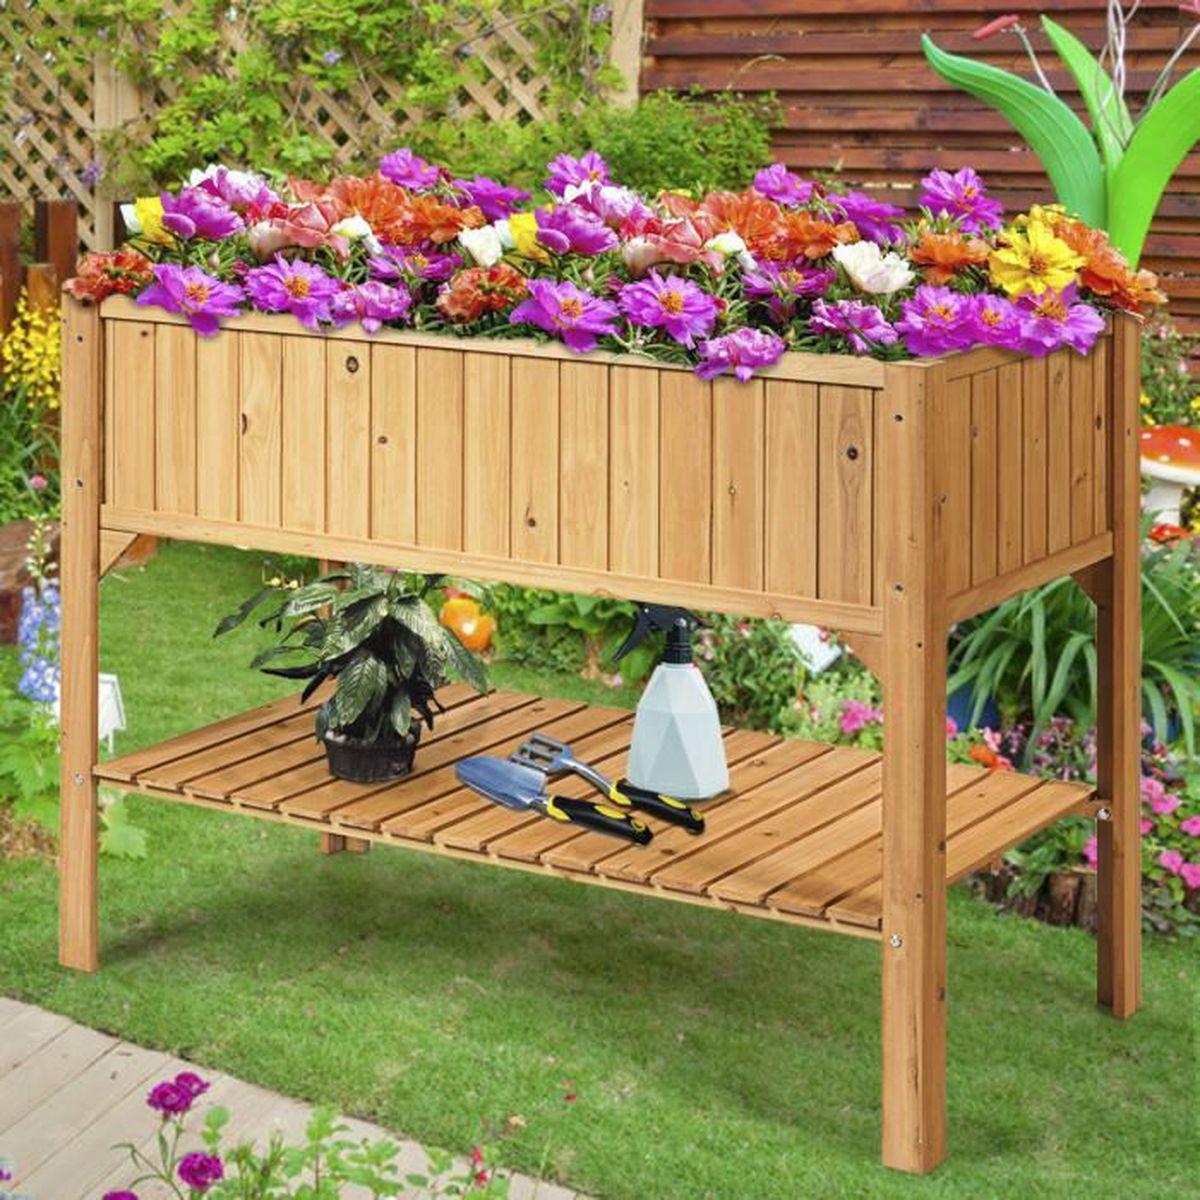 Jardin en bois Planters Outdoor plantes fleurs pot carré rectangulaire Display NEW